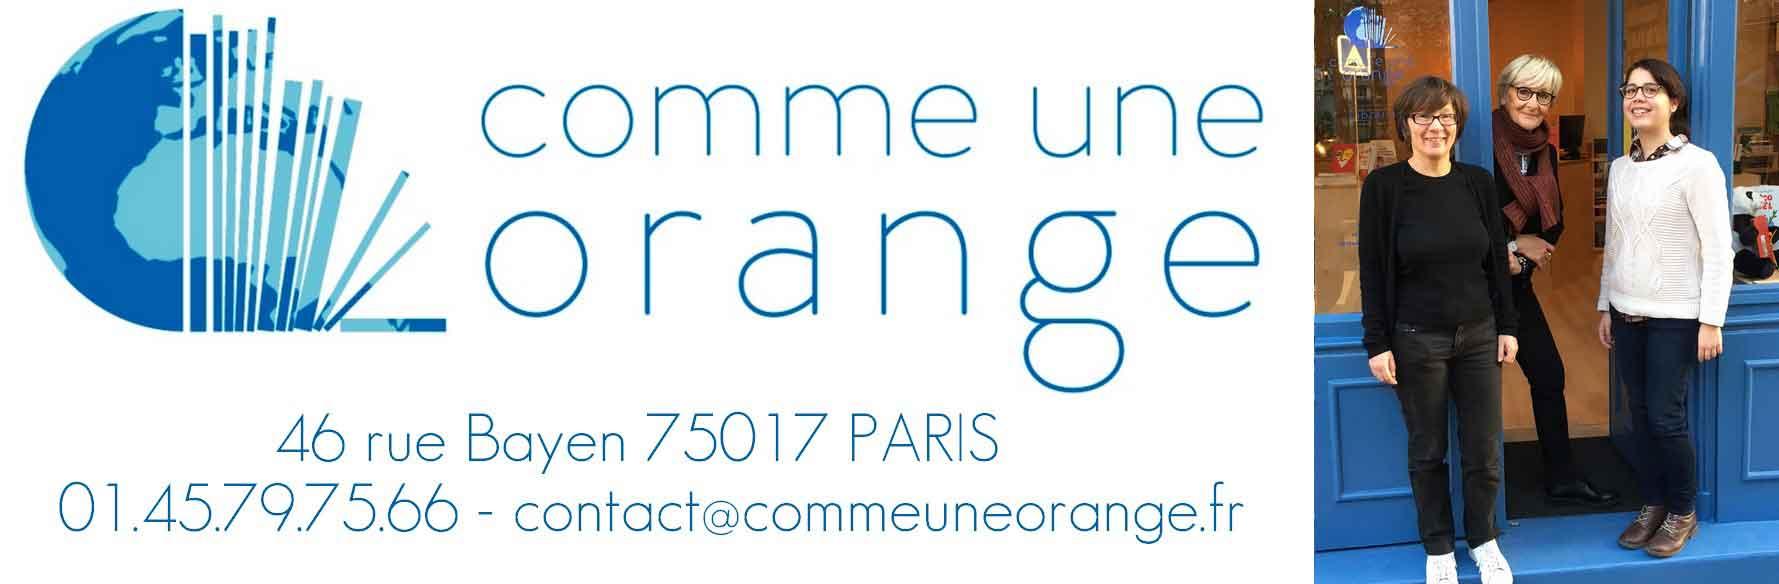 Librairie Comme une orange paris 17 - Equipe